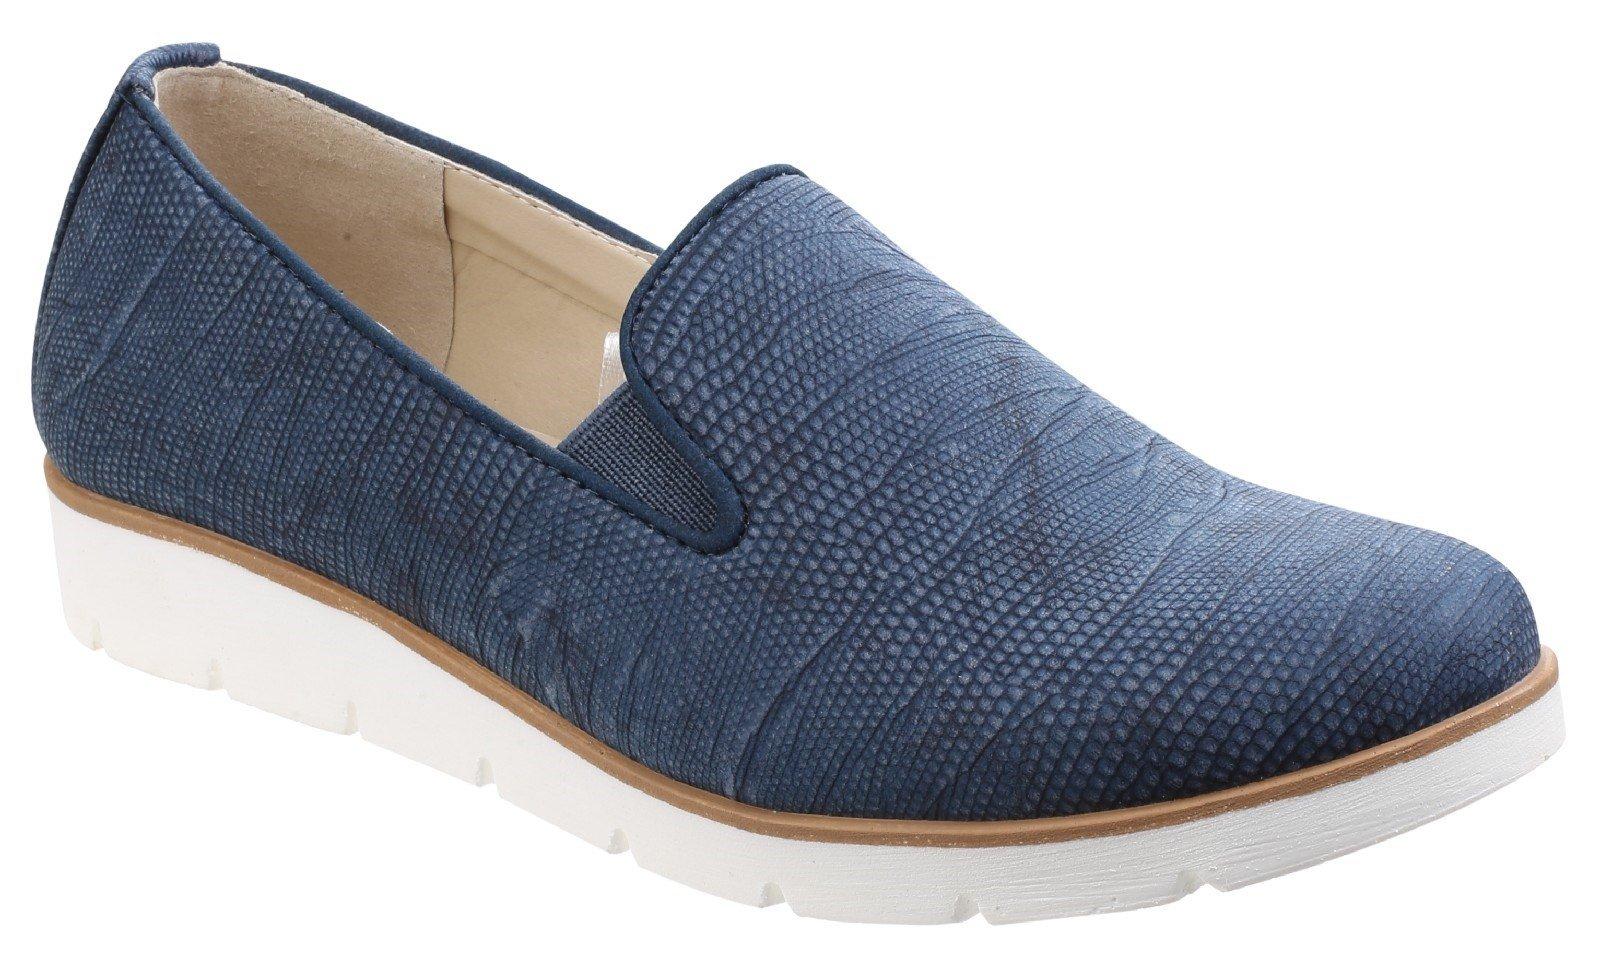 Divaz Women's Mariah Slip On Twin Gusset Shoe Blue 24957-41306 - Blue 3